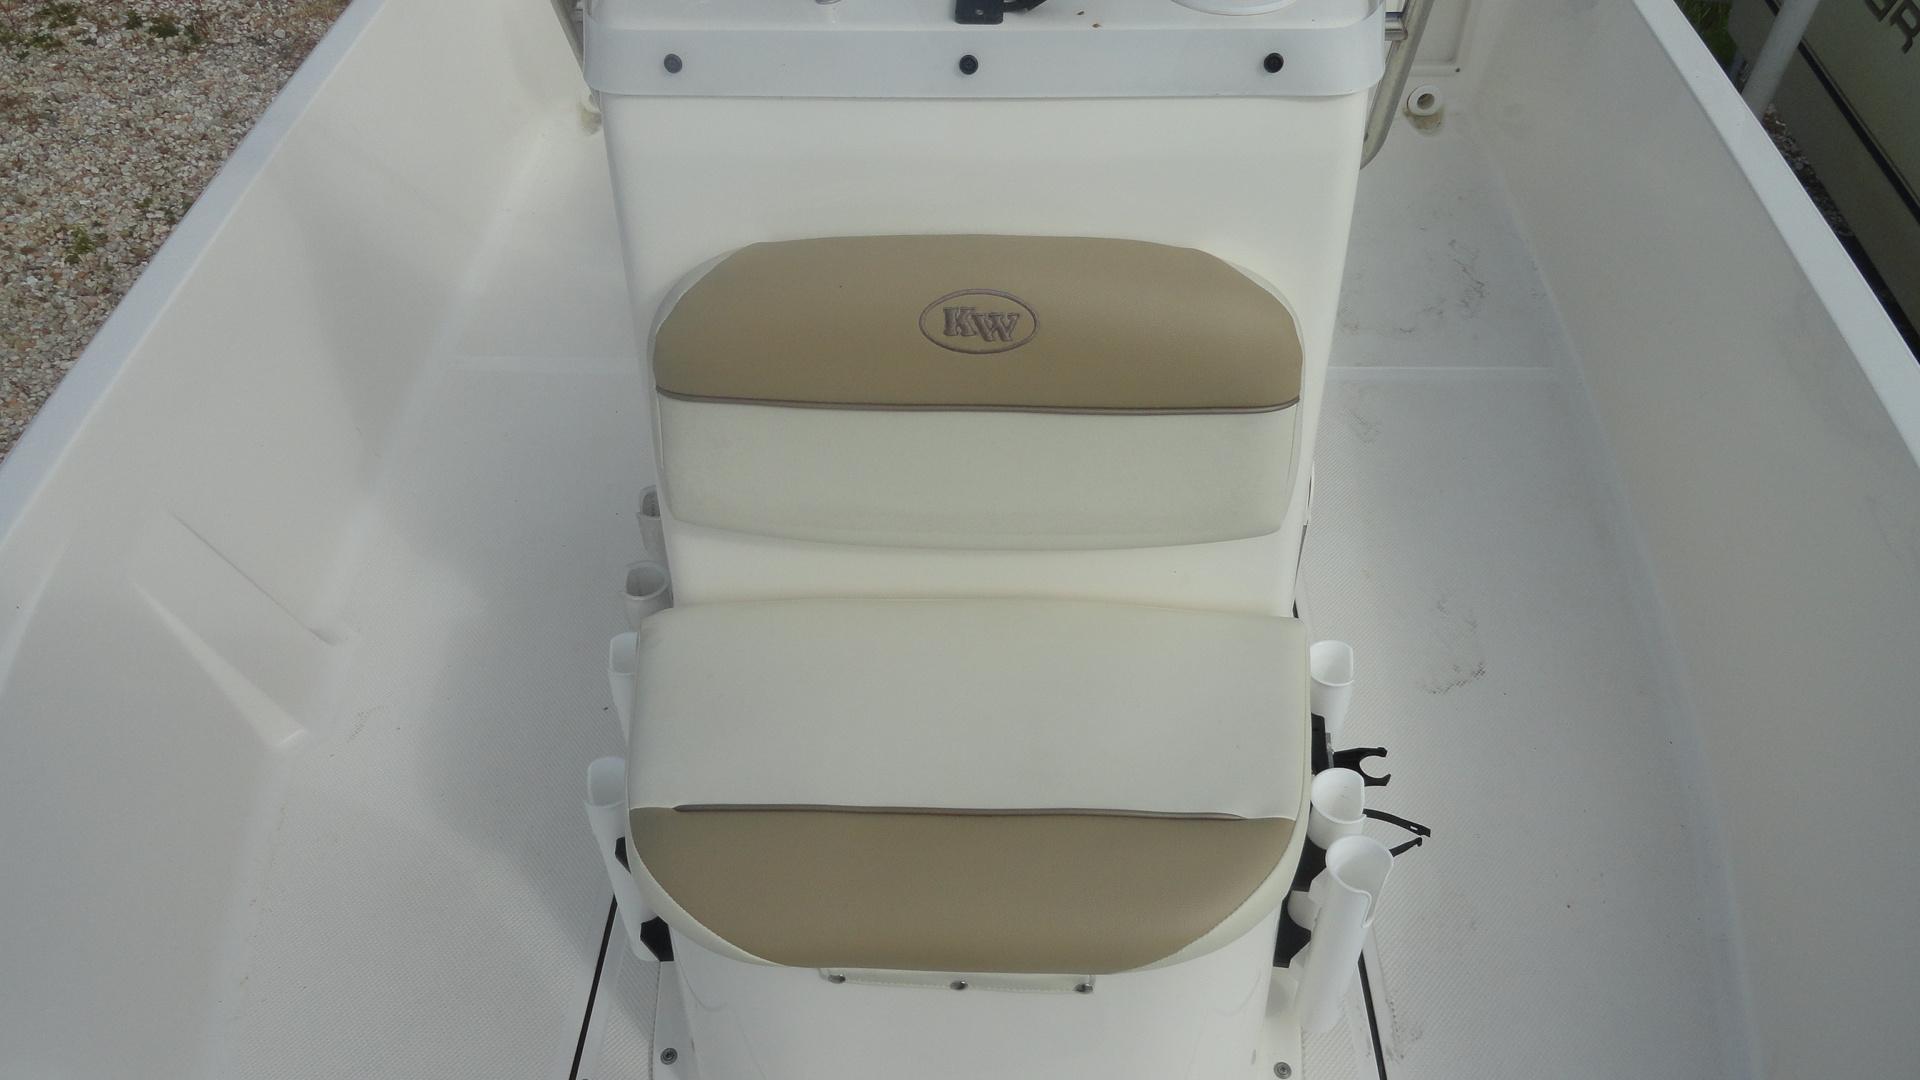 https://0201.nccdn.net/1_2/000/000/117/0d3/Connor--inside-front-seat-1920x1080.jpg